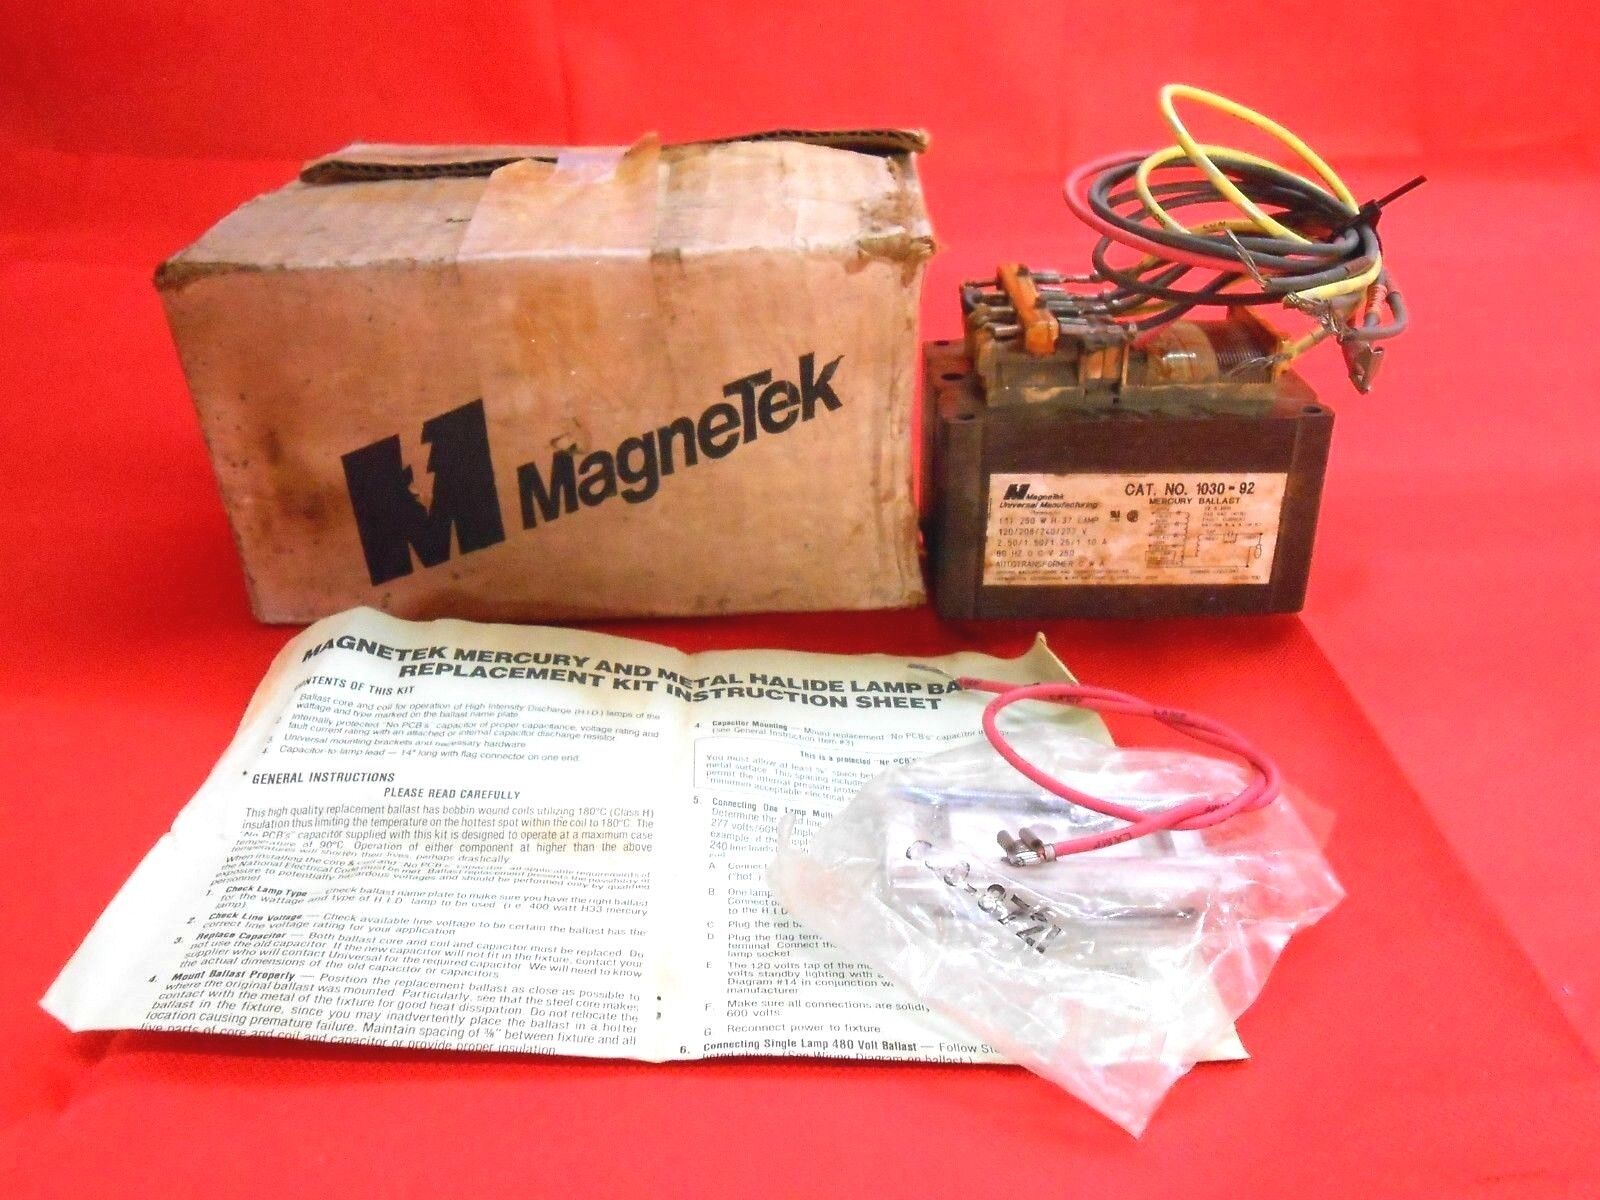 Magnetek 1030-92 Mercury Ballast 120/240v 2.5a on